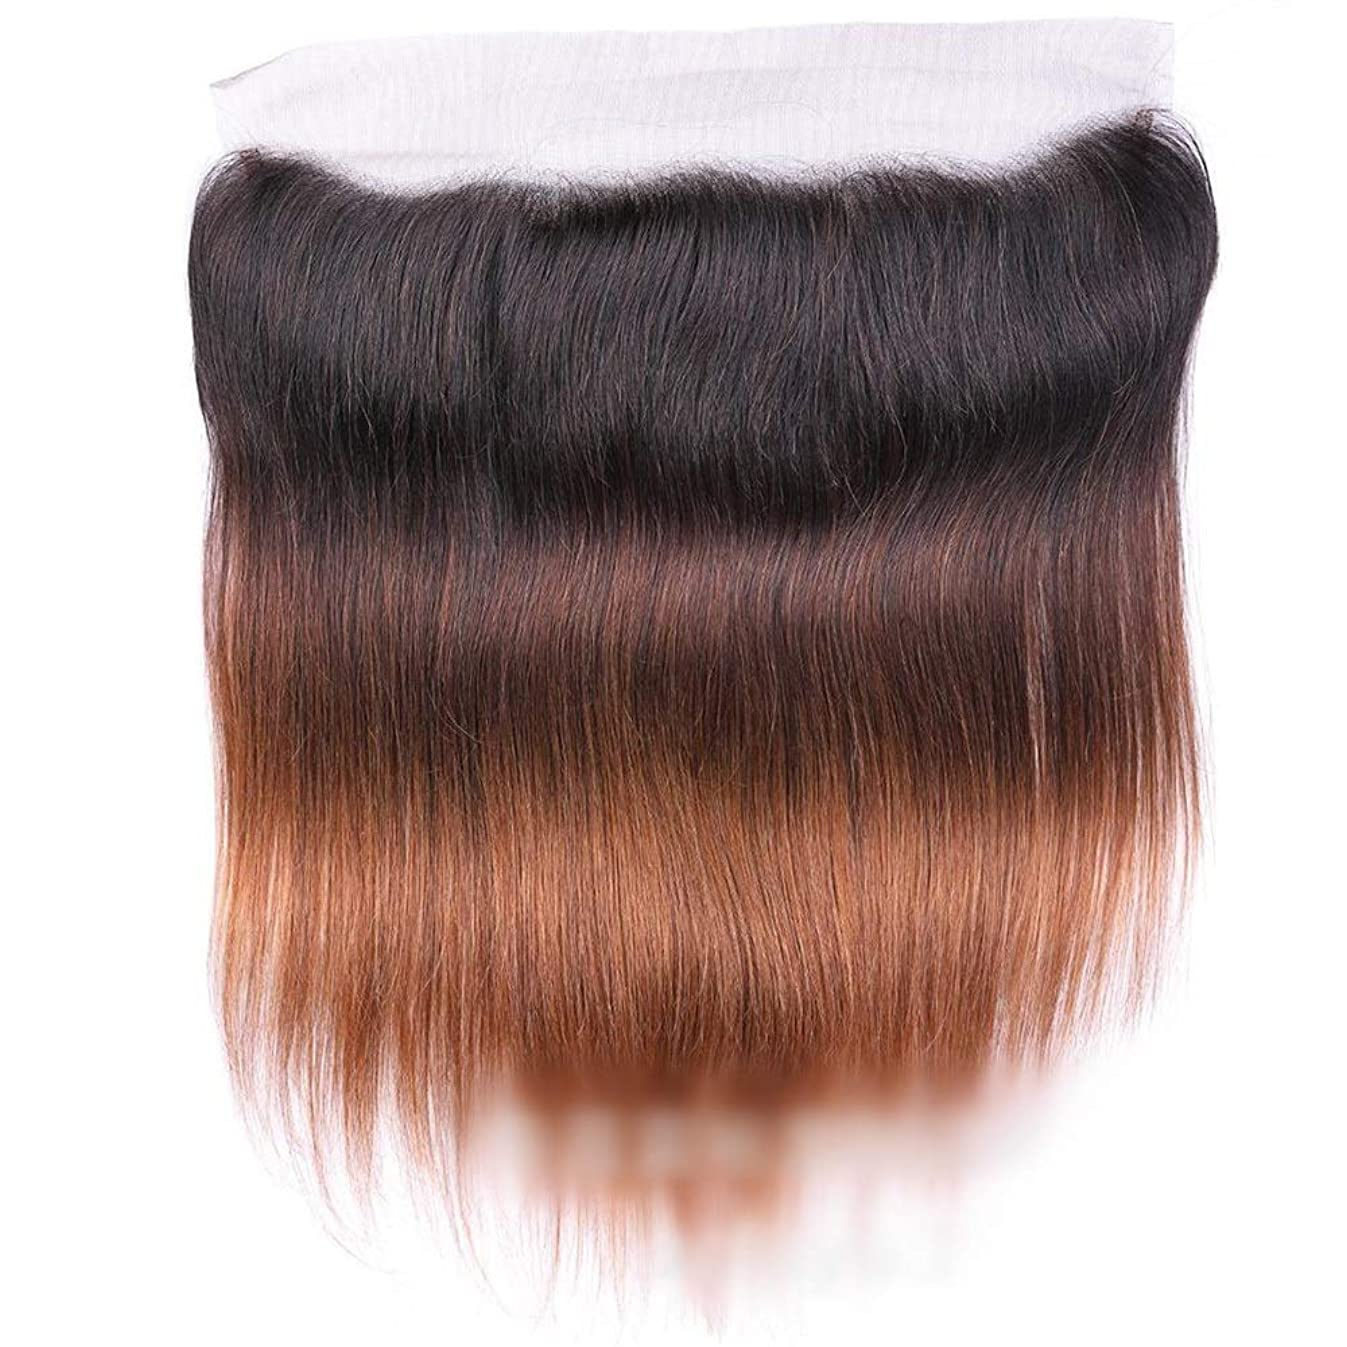 話メガロポリス測定BOBIDYEE オンブルブラジルバージンヘアストレートレース閉鎖人間の髪の毛1B / 4/30 3トーンカラー(8インチ18インチ)ロングストレートヘアウィッグ (色 : ブラウン, サイズ : 18 inch)